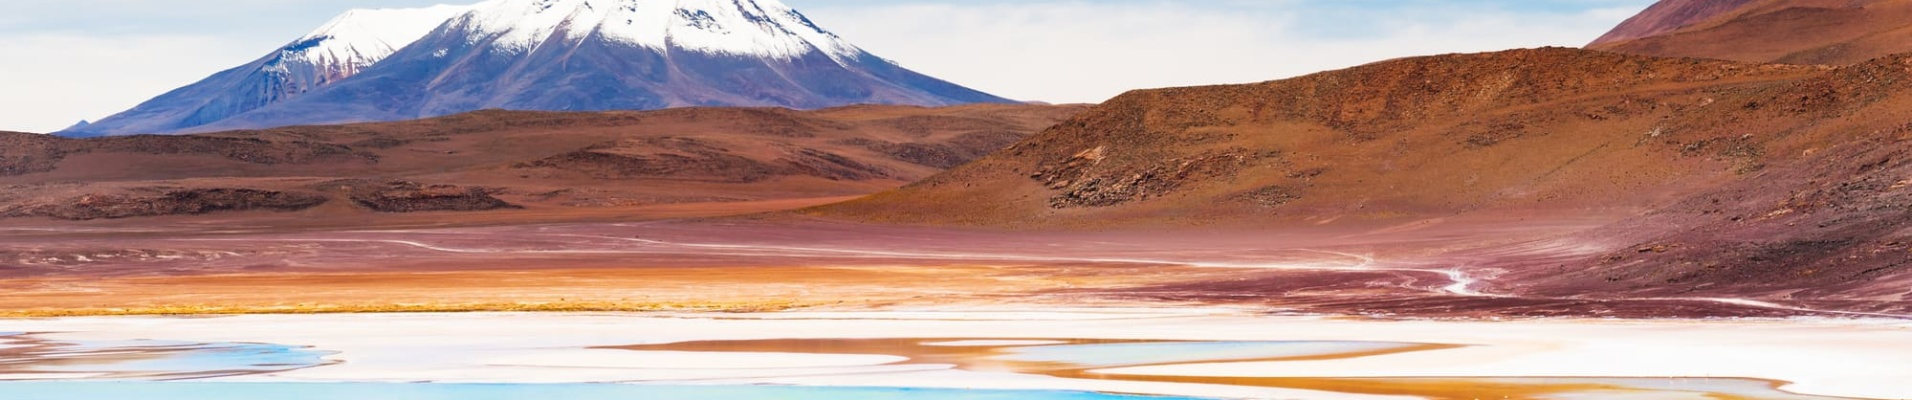 Volcan et lagune du Sud Lipez - Bolivie